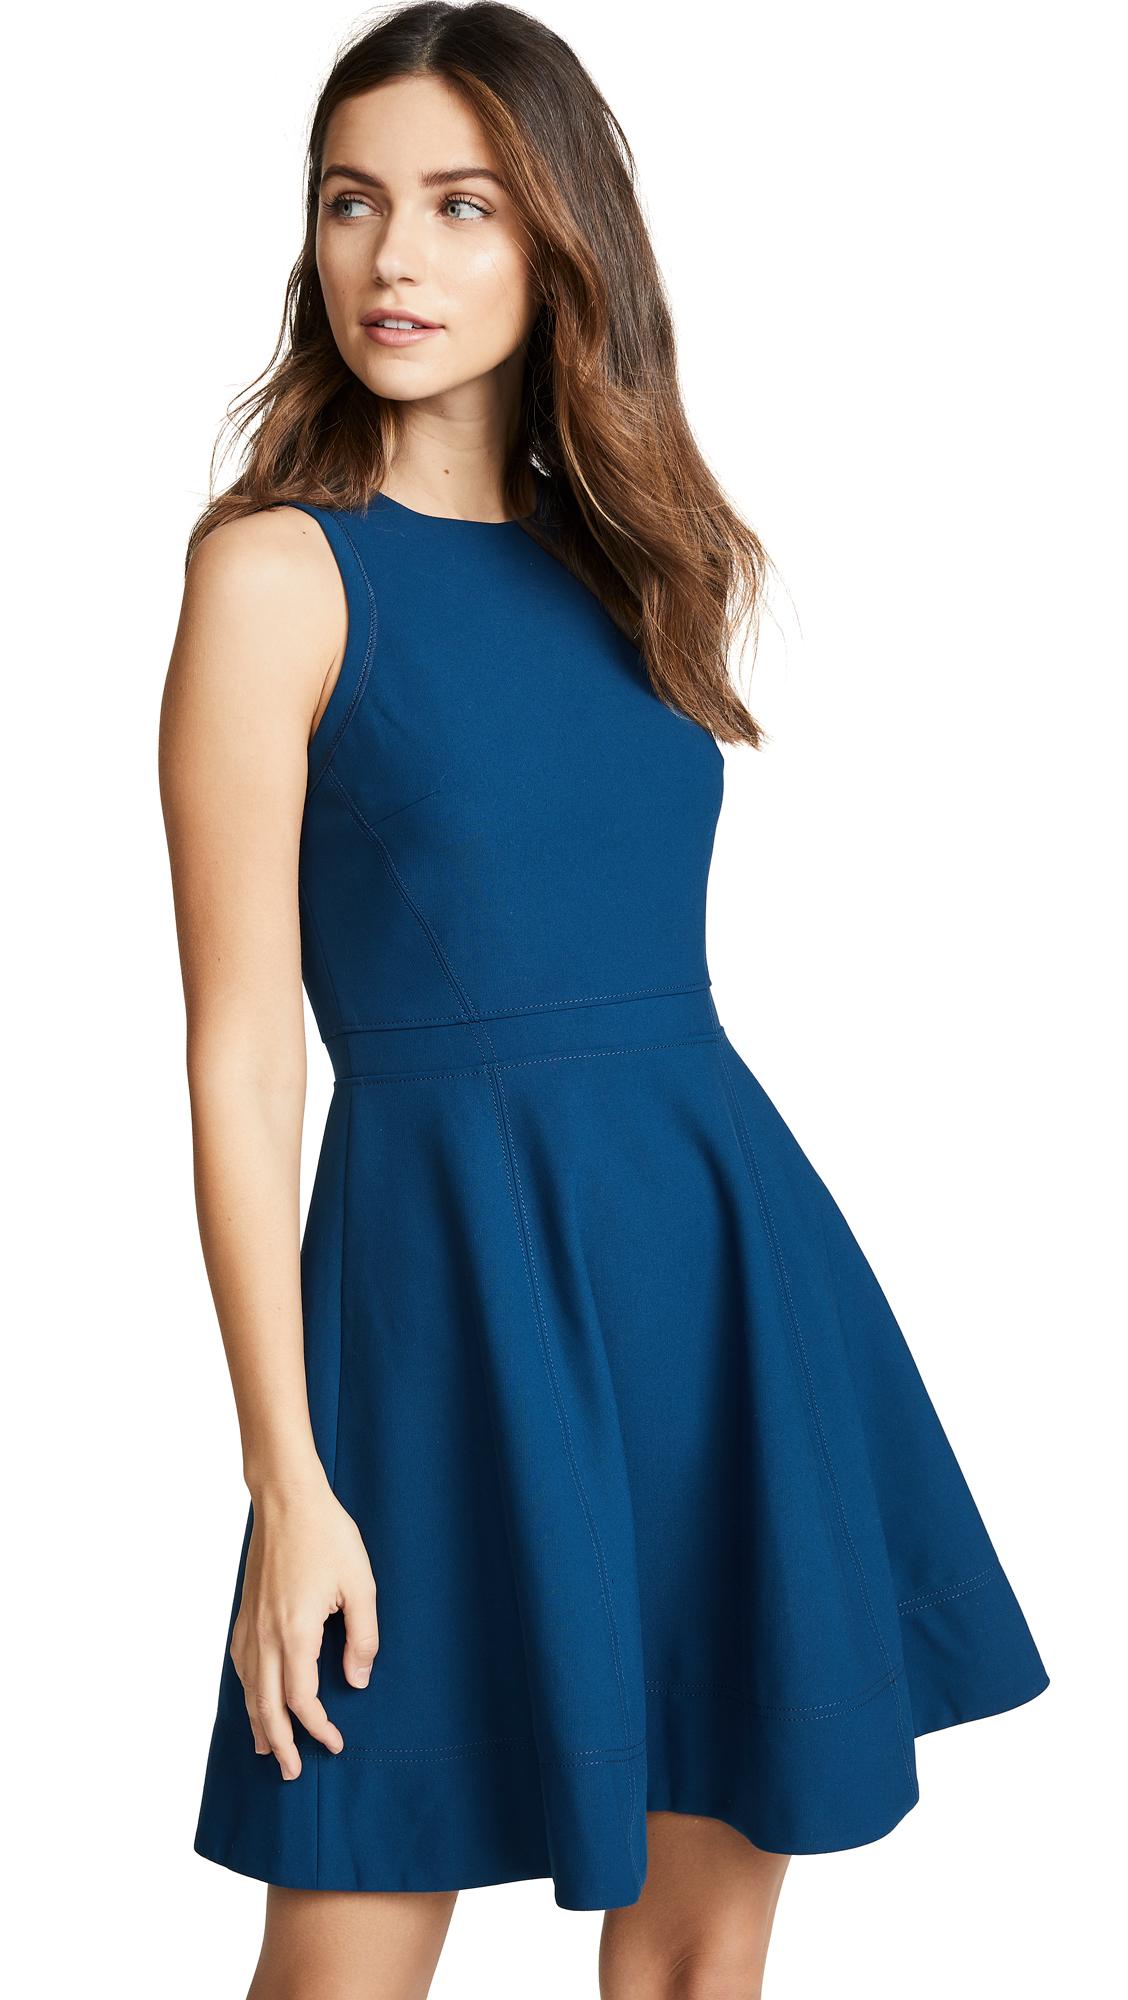 Cinq a Sept Araceli Dress - Lapis